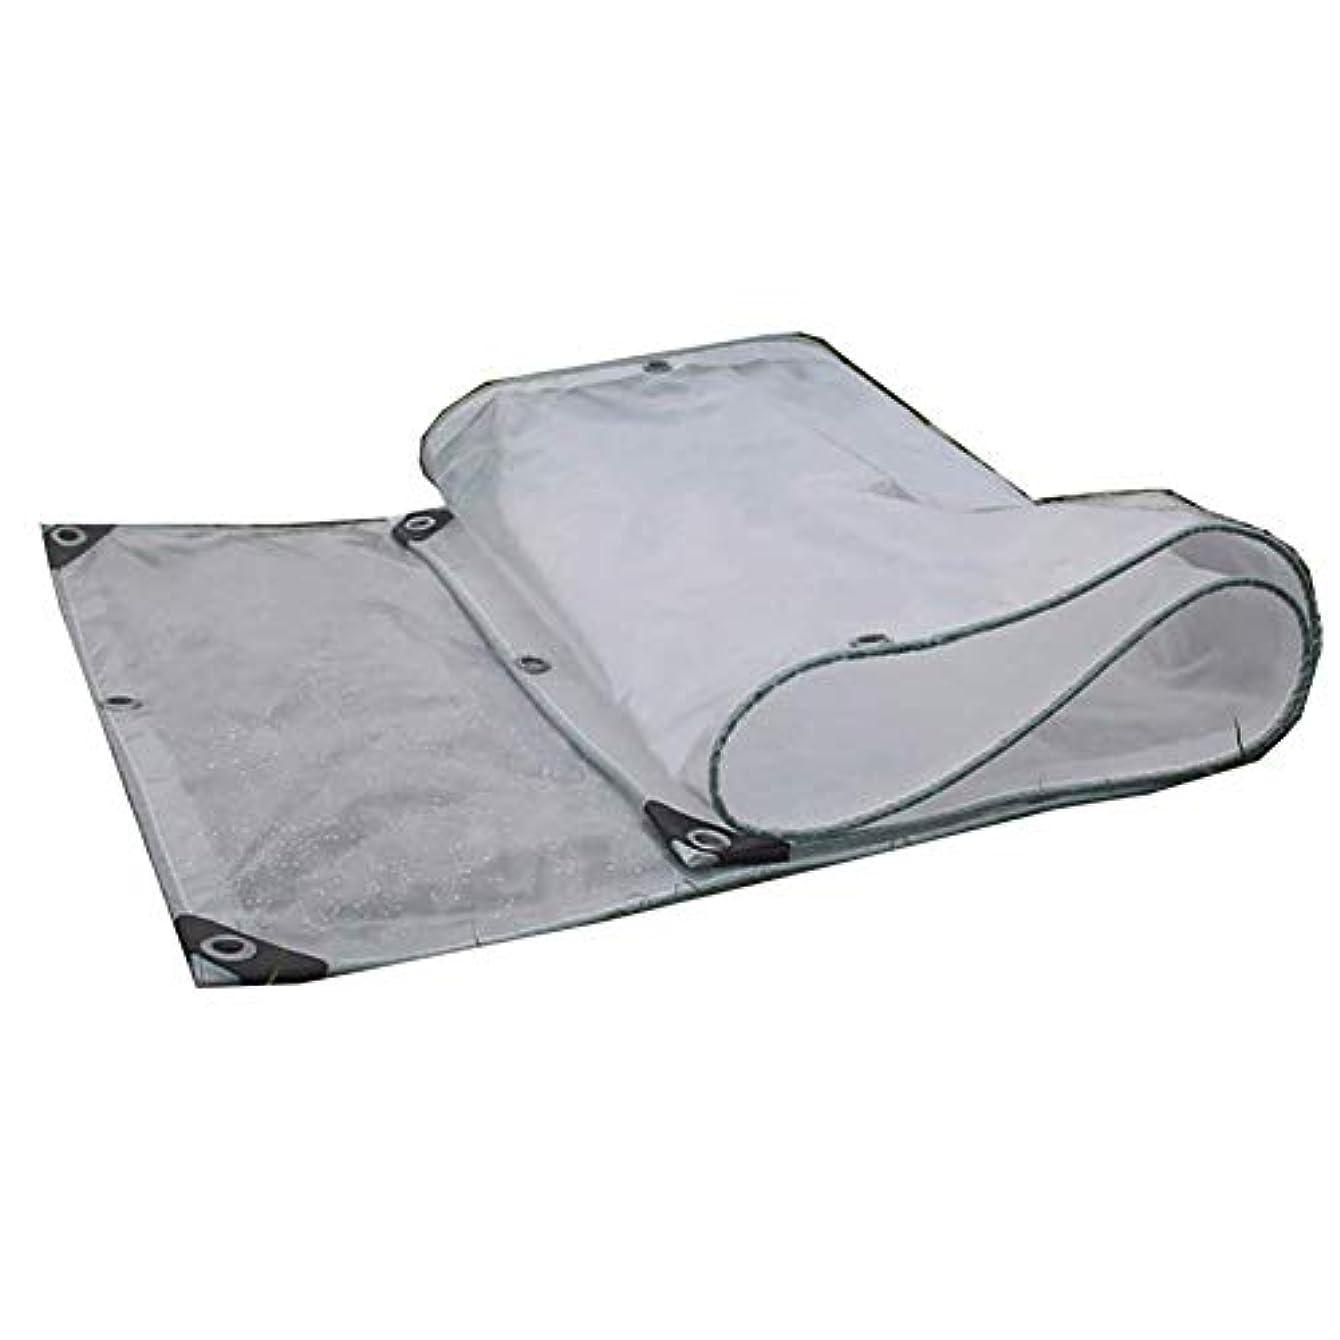 トリムネックレット賃金Lixingmingqi 屋外のテントの透明な防水シートの床カバーは雨のテントをキャンプする布を流しました